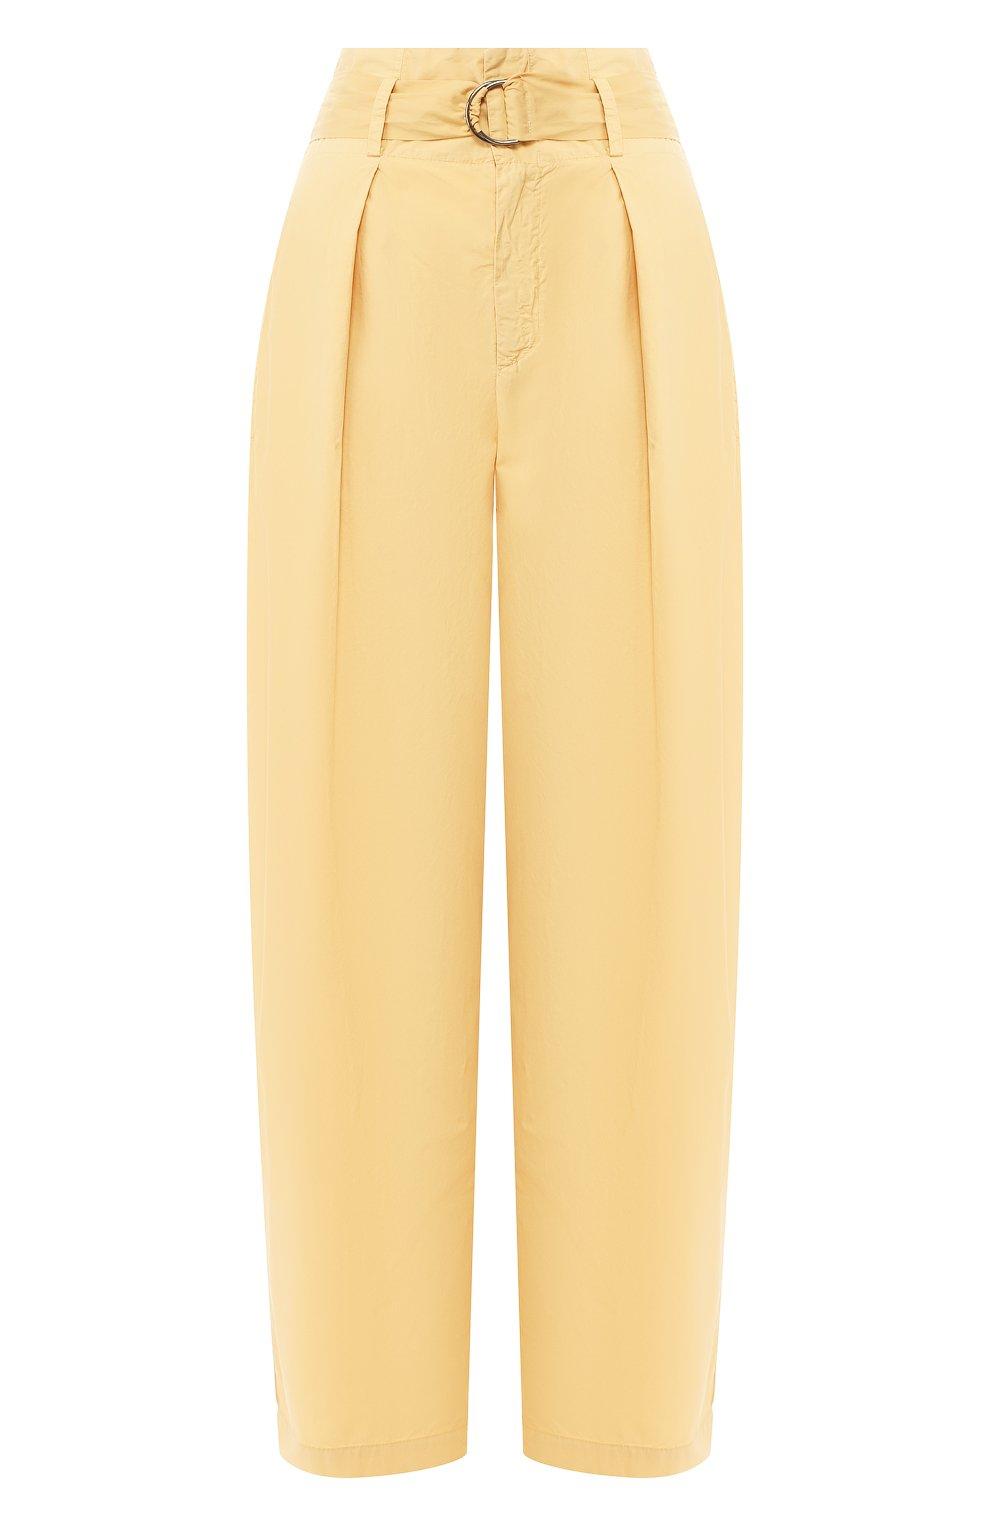 Женские хлопковые брюки NUDE желтого цвета, арт. 1103753/TR0USERS   Фото 1 (Длина (брюки, джинсы): Стандартные; Женское Кросс-КТ: Брюки-одежда; Материал внешний: Хлопок)